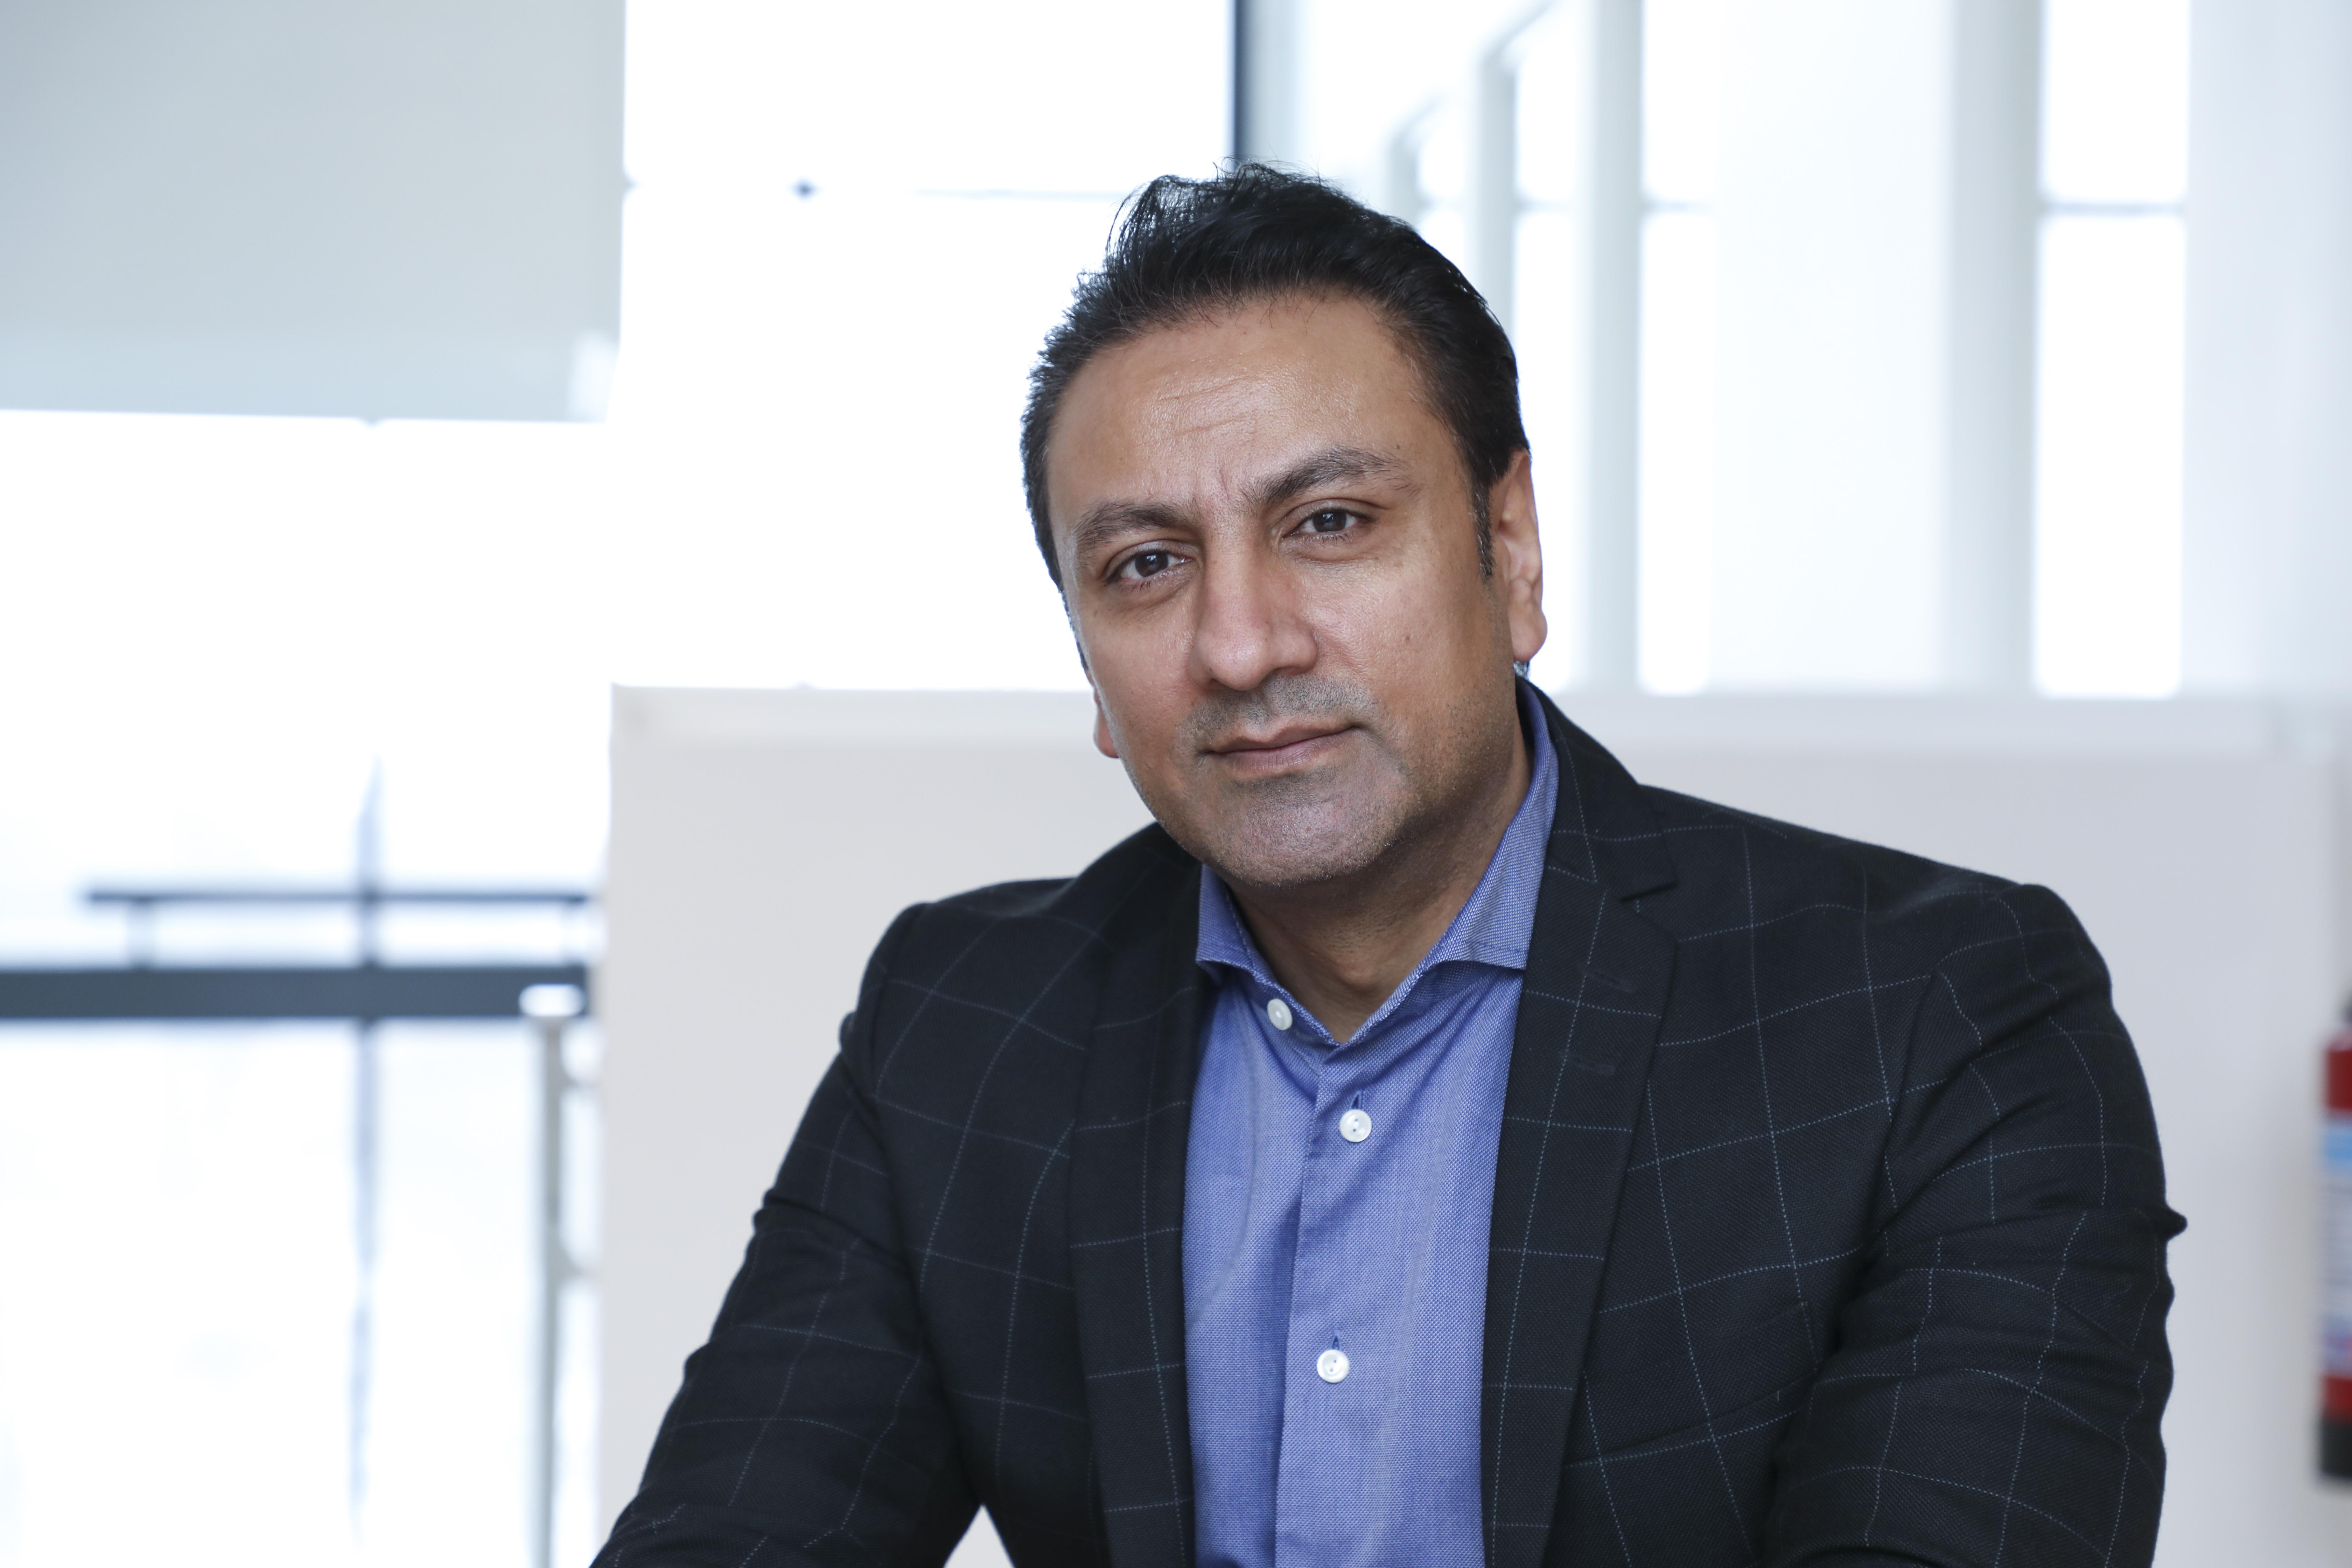 Rick Tariq Khan